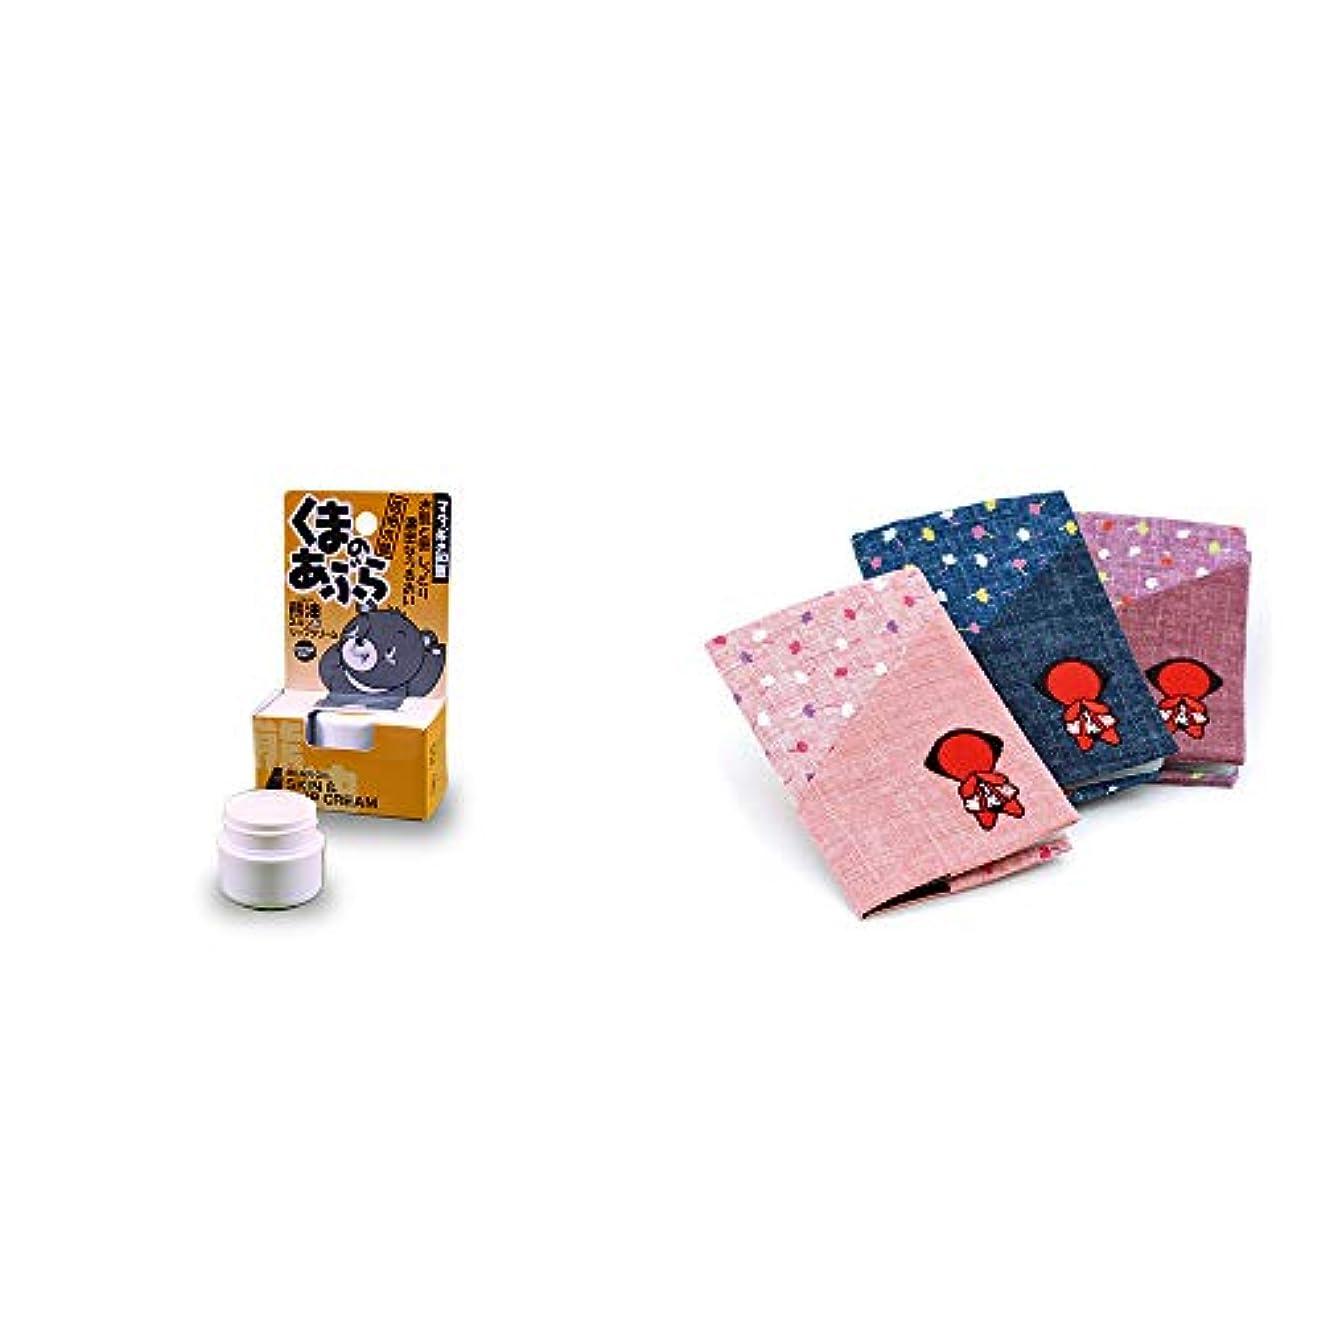 フォーマットインタビューバイアス[2点セット] 信州木曽 くまのあぶら 熊油スキン&リップクリーム(9g)?おねがいさるぼぼ カードケース【ピンク】